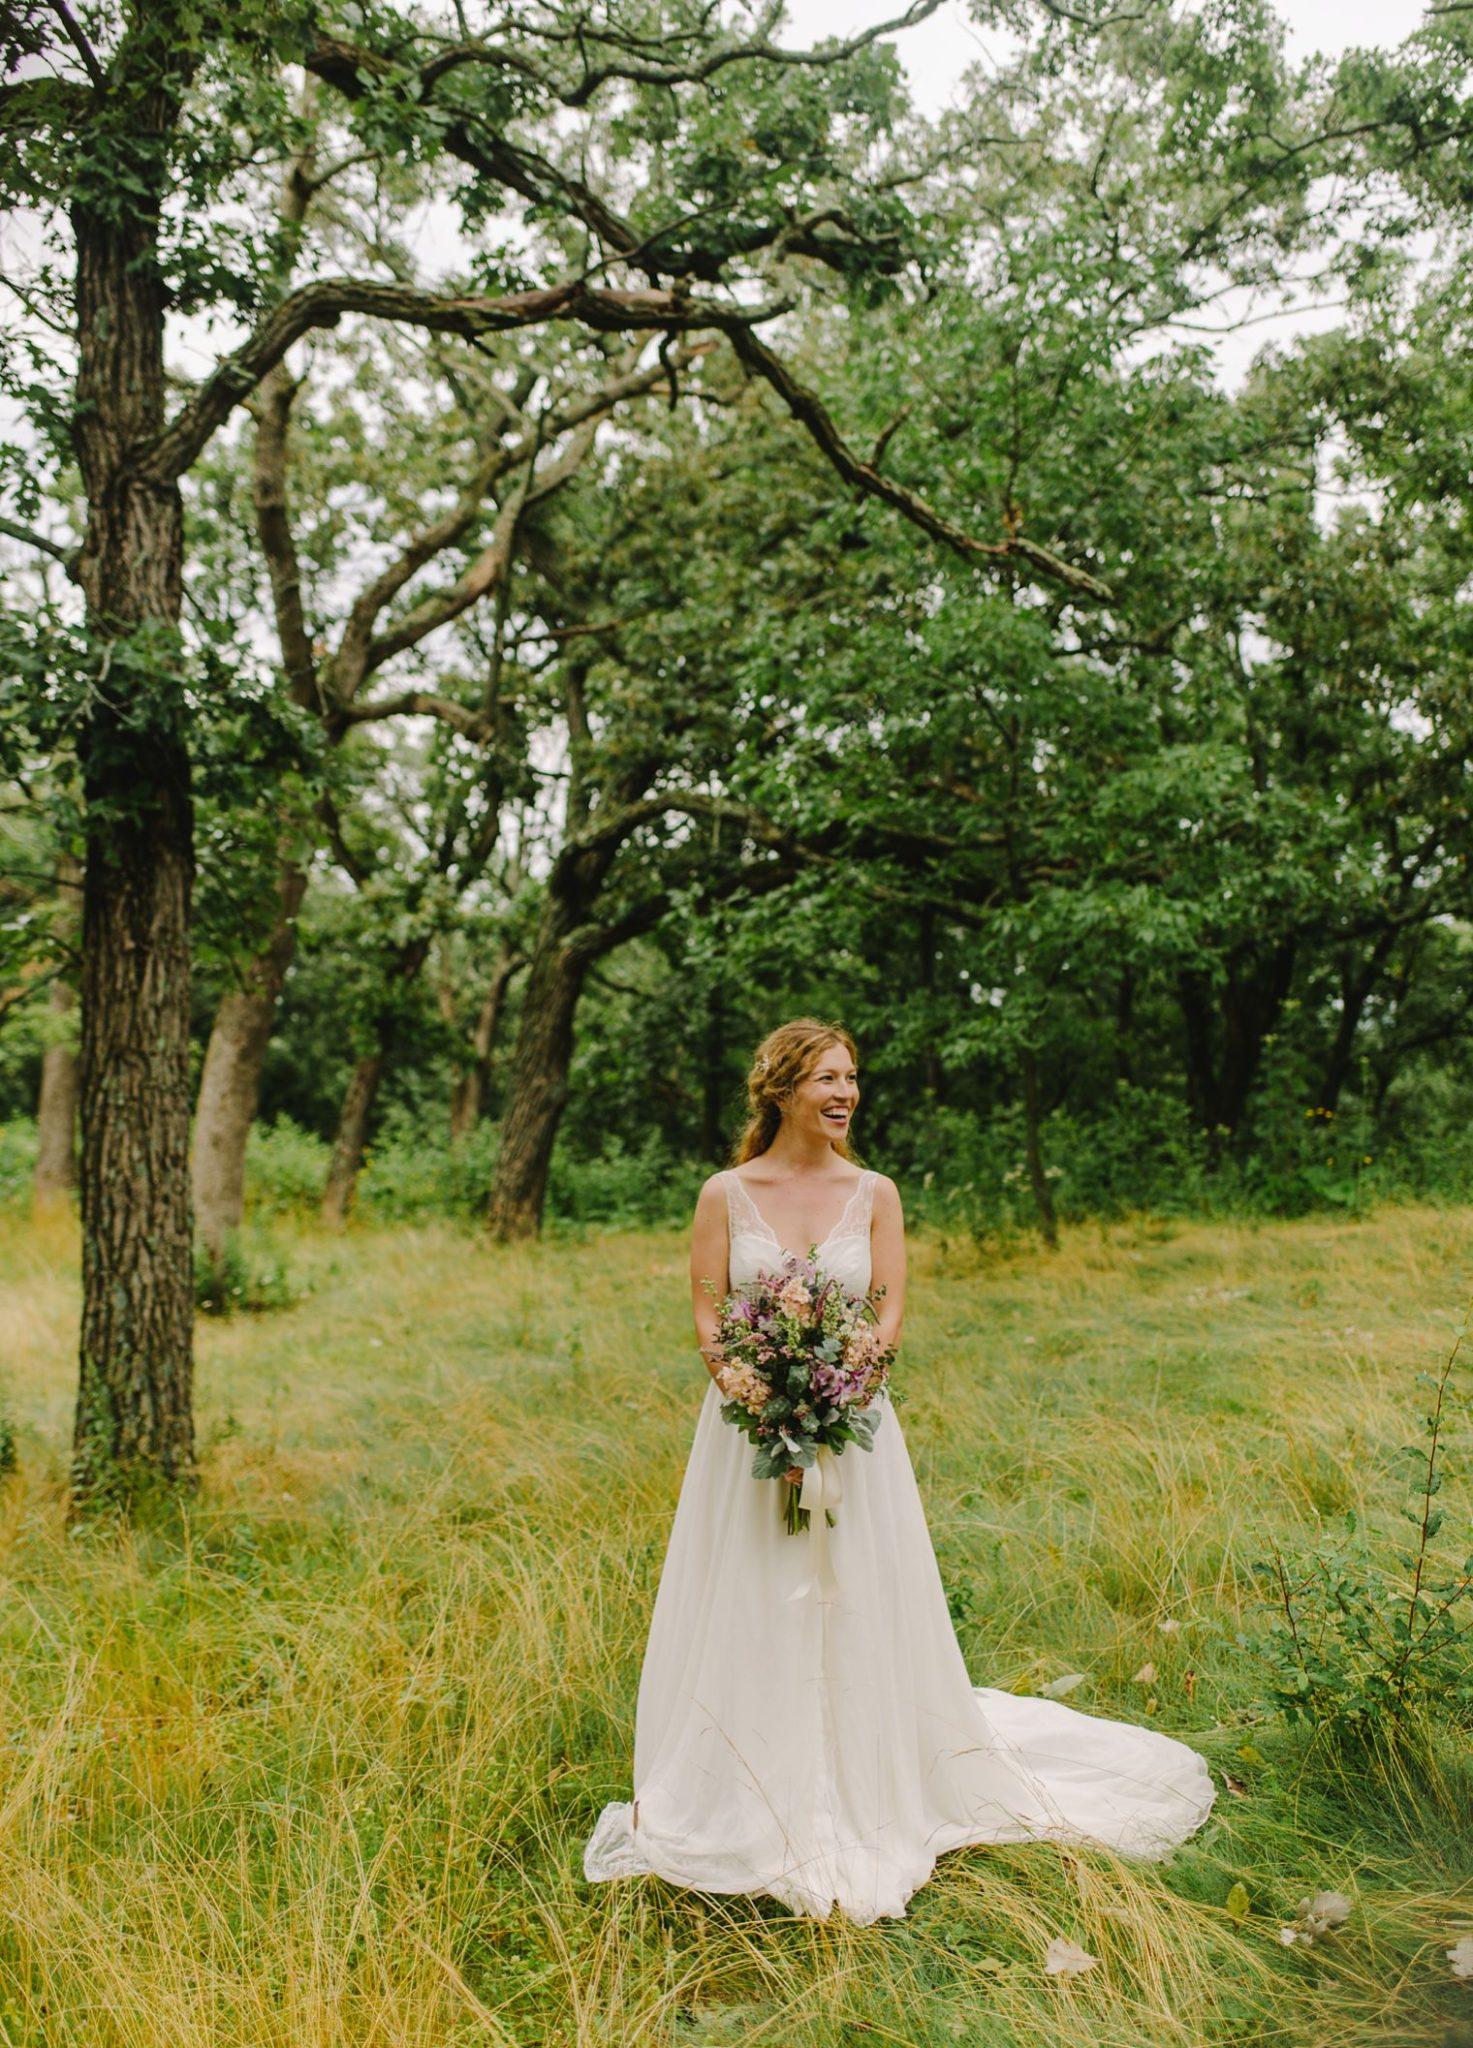 bride in Occonomowoc